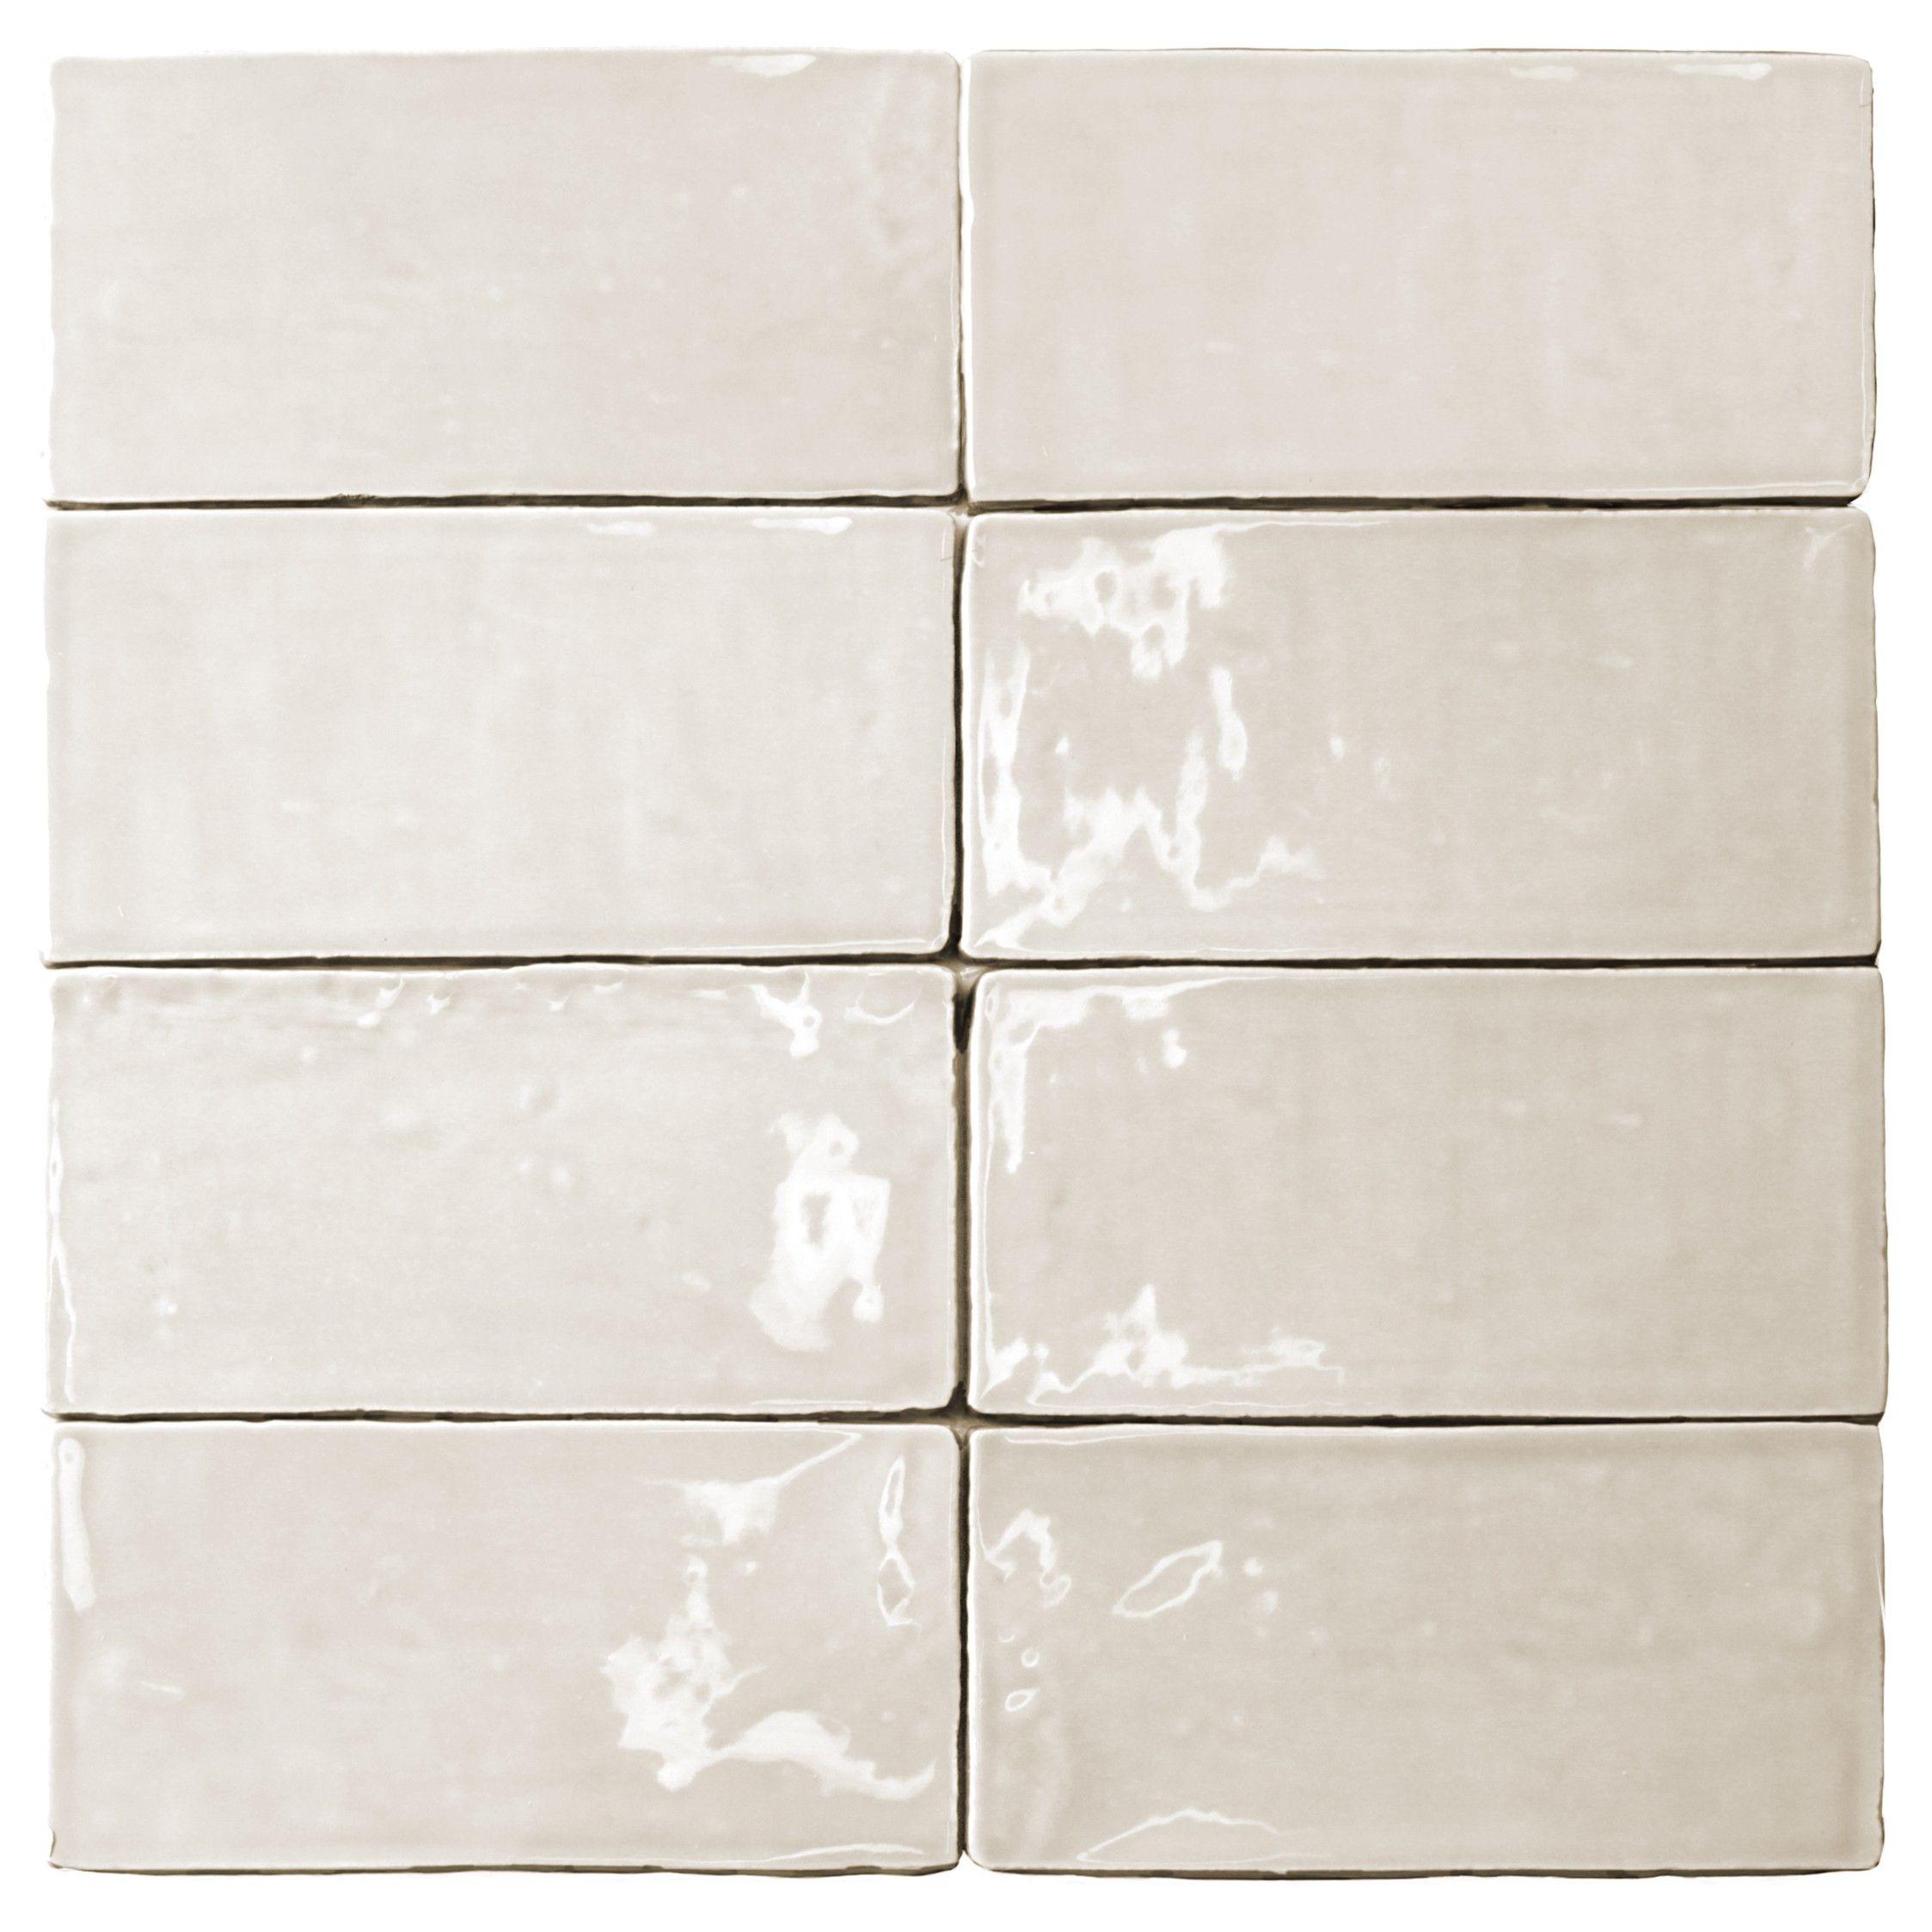 Lancaster vanilla 3x6 polished ceramic tile lancaster kitchens lancaster 3x6 vanilla polished ceramic tile ize 3 x 6 colorivory dailygadgetfo Choice Image